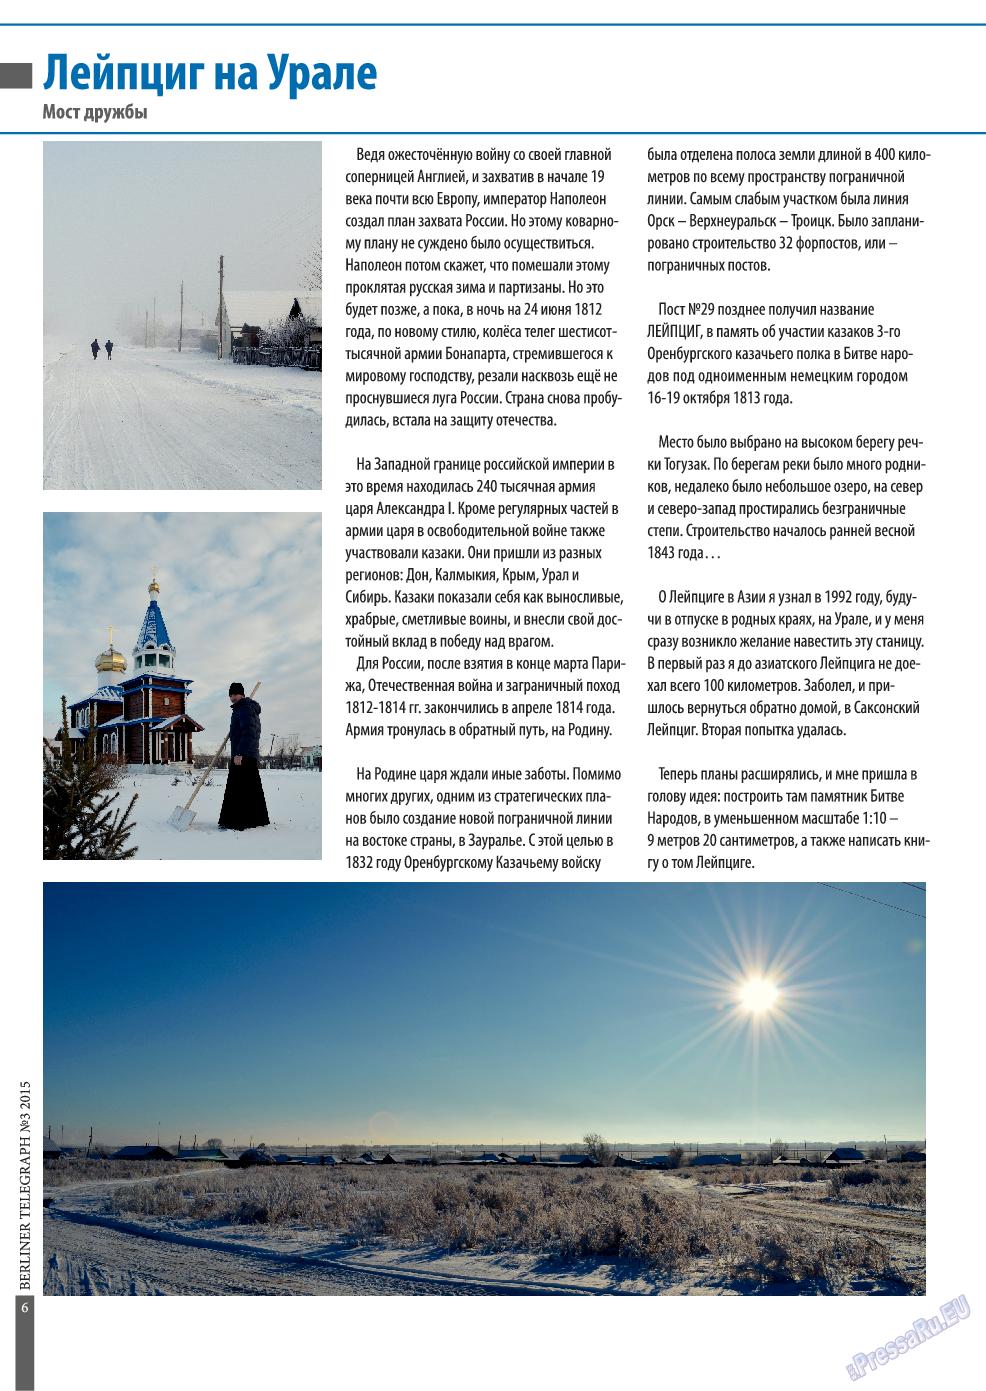 Берлинский телеграф (журнал). 2015 год, номер 3, стр. 6